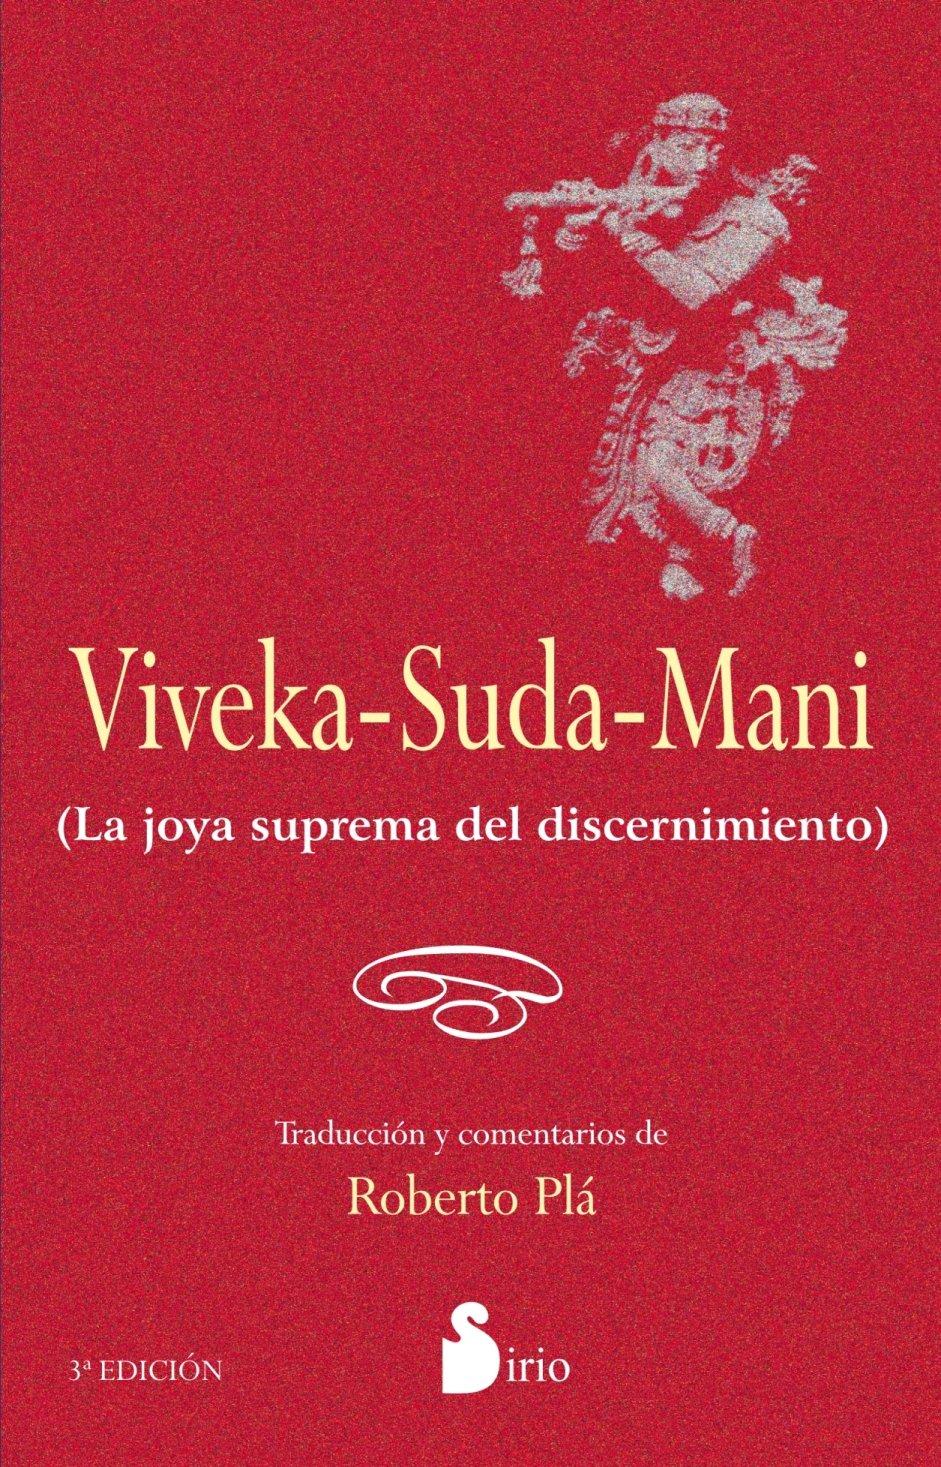 Viveka-Suda-Mani. La joya suprema del discernimiento ...